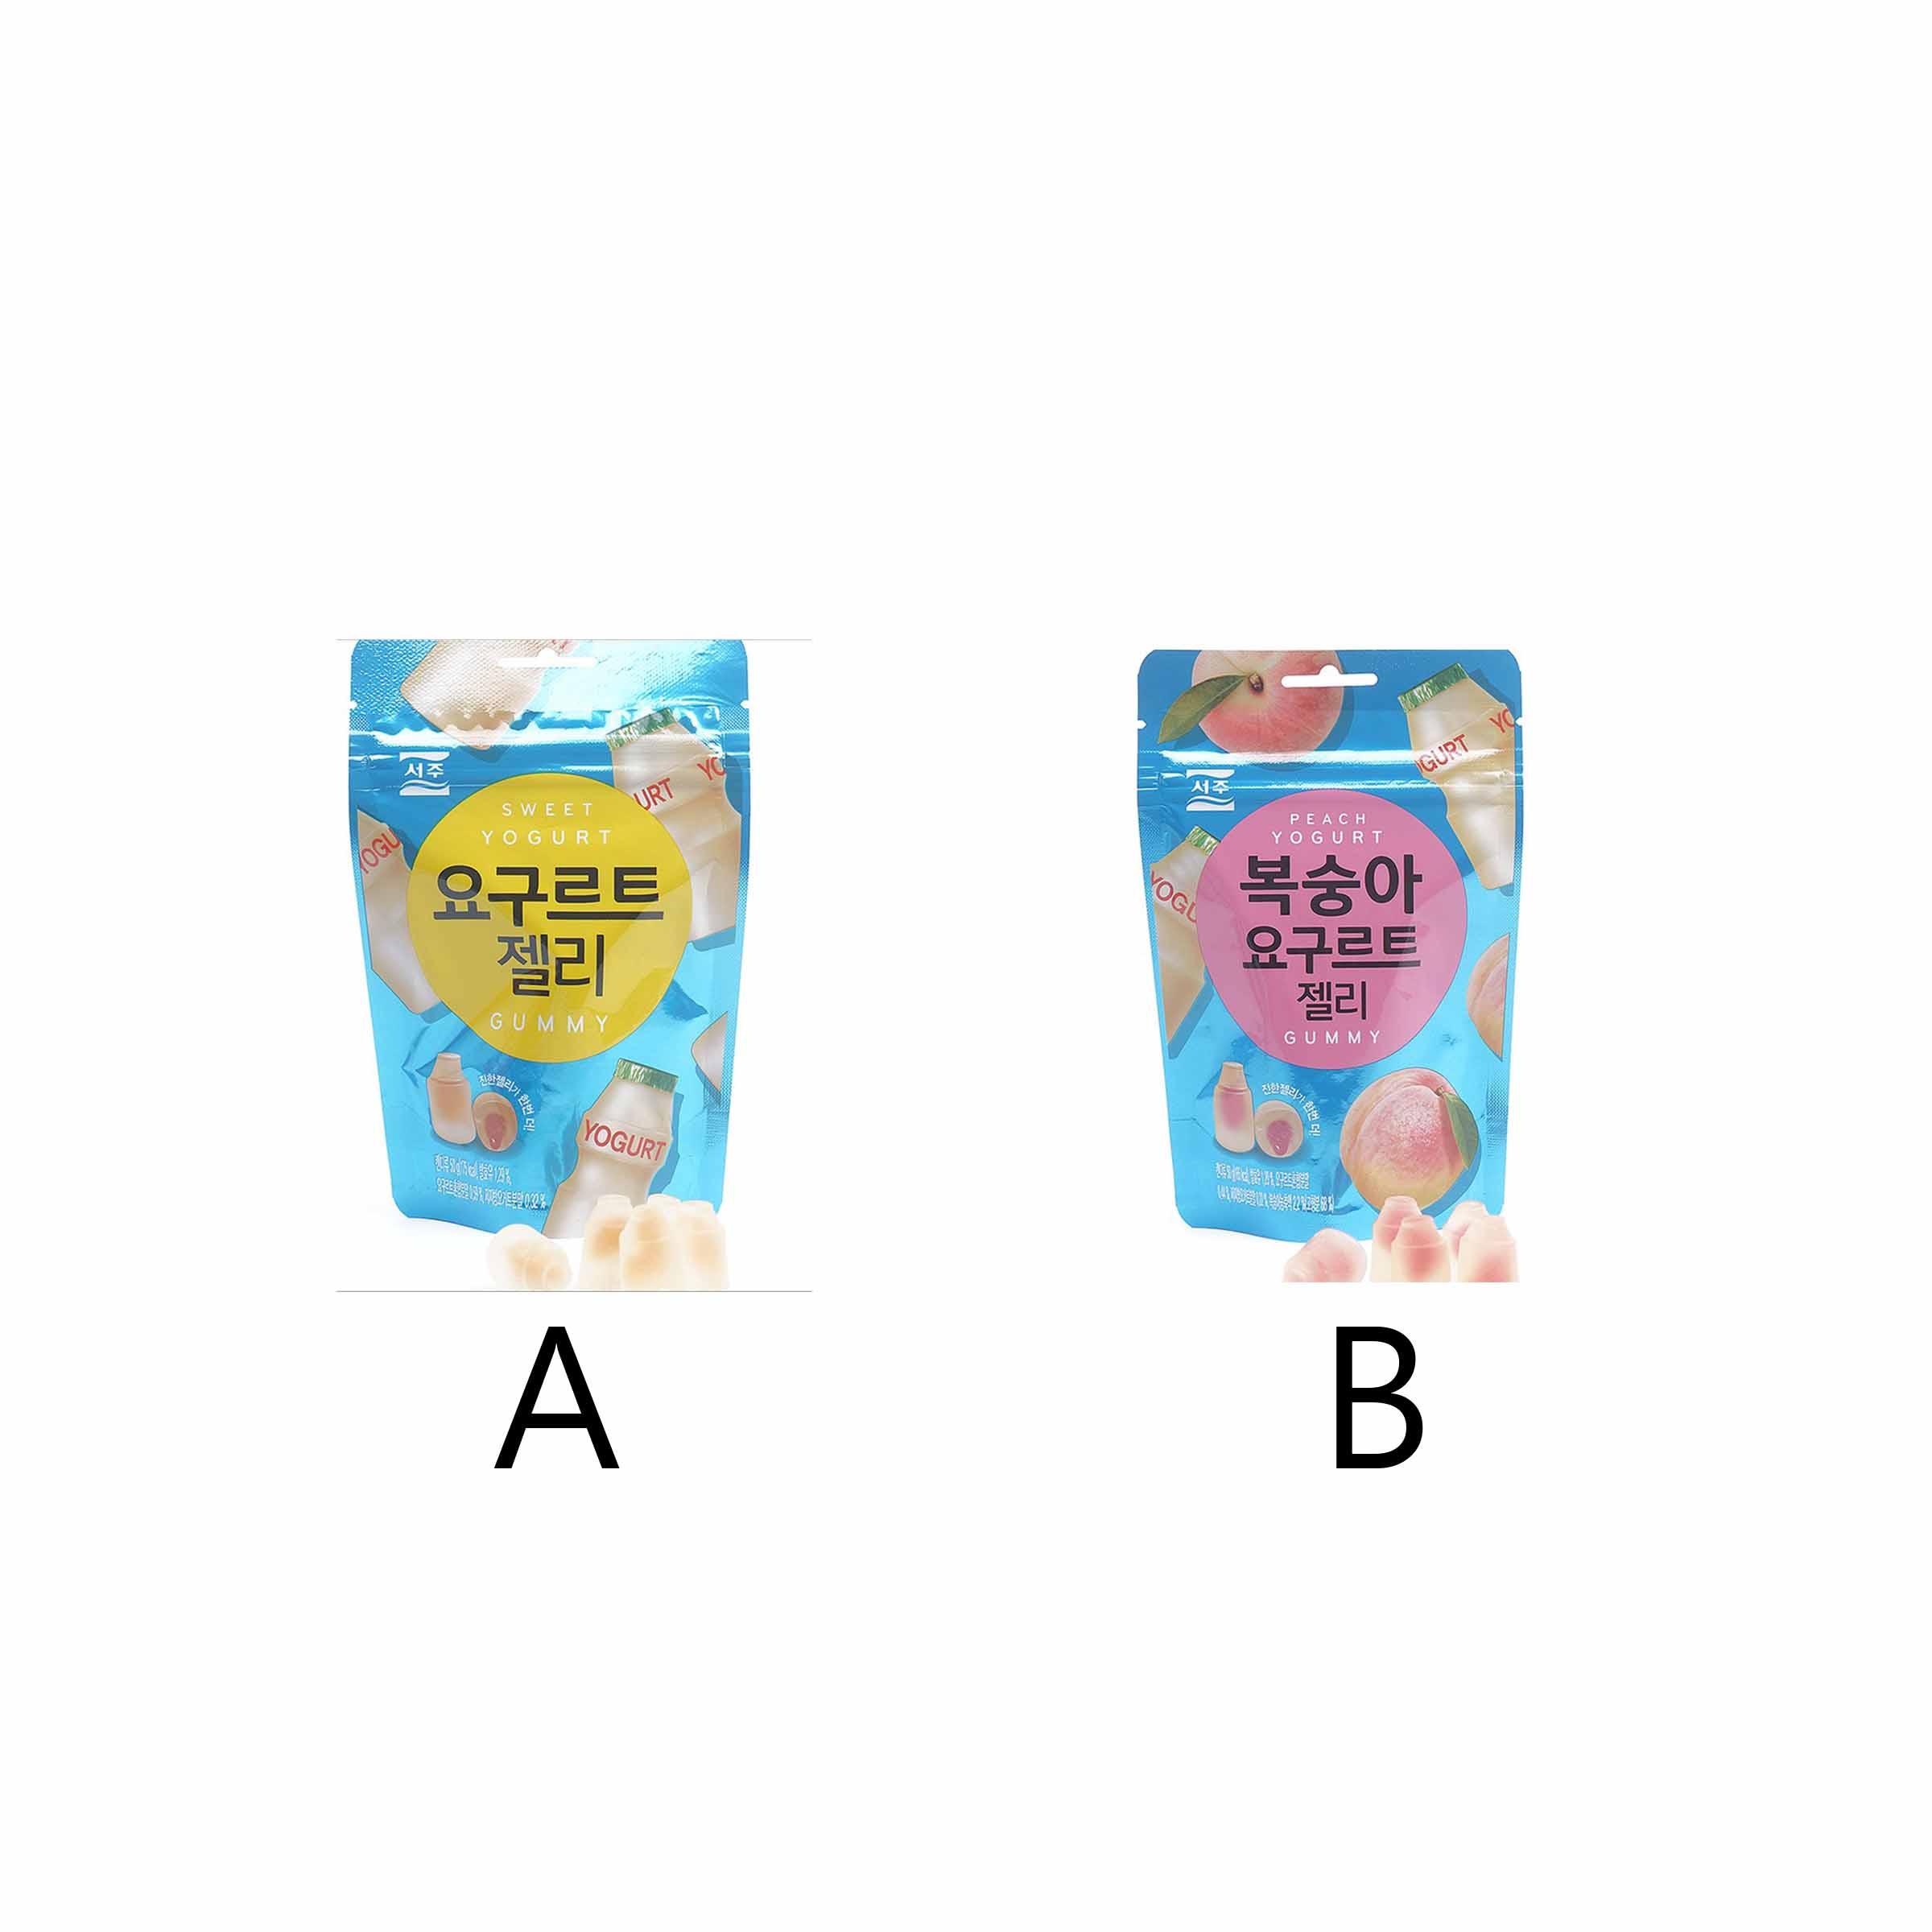 韓國 優格軟糖 原味 優格軟糖 A 50G